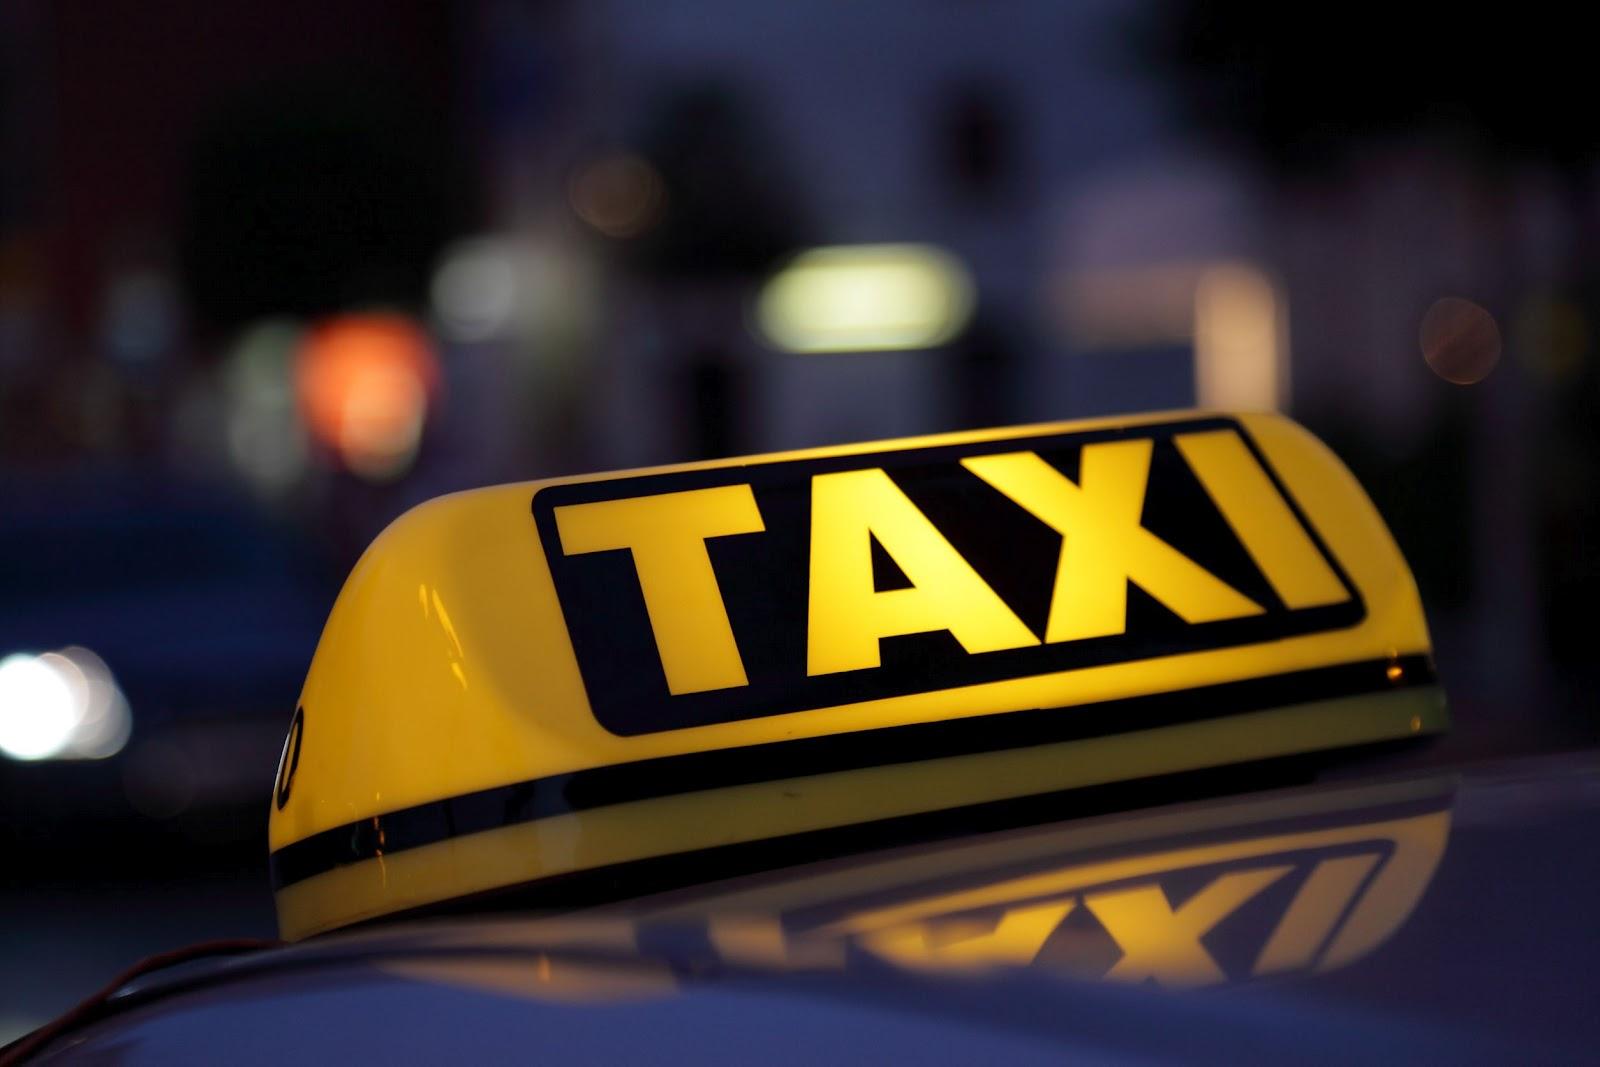 В Запорожье суд оштрафовал мужчину, который перевозил людей в своем авто без лицензии таксиста